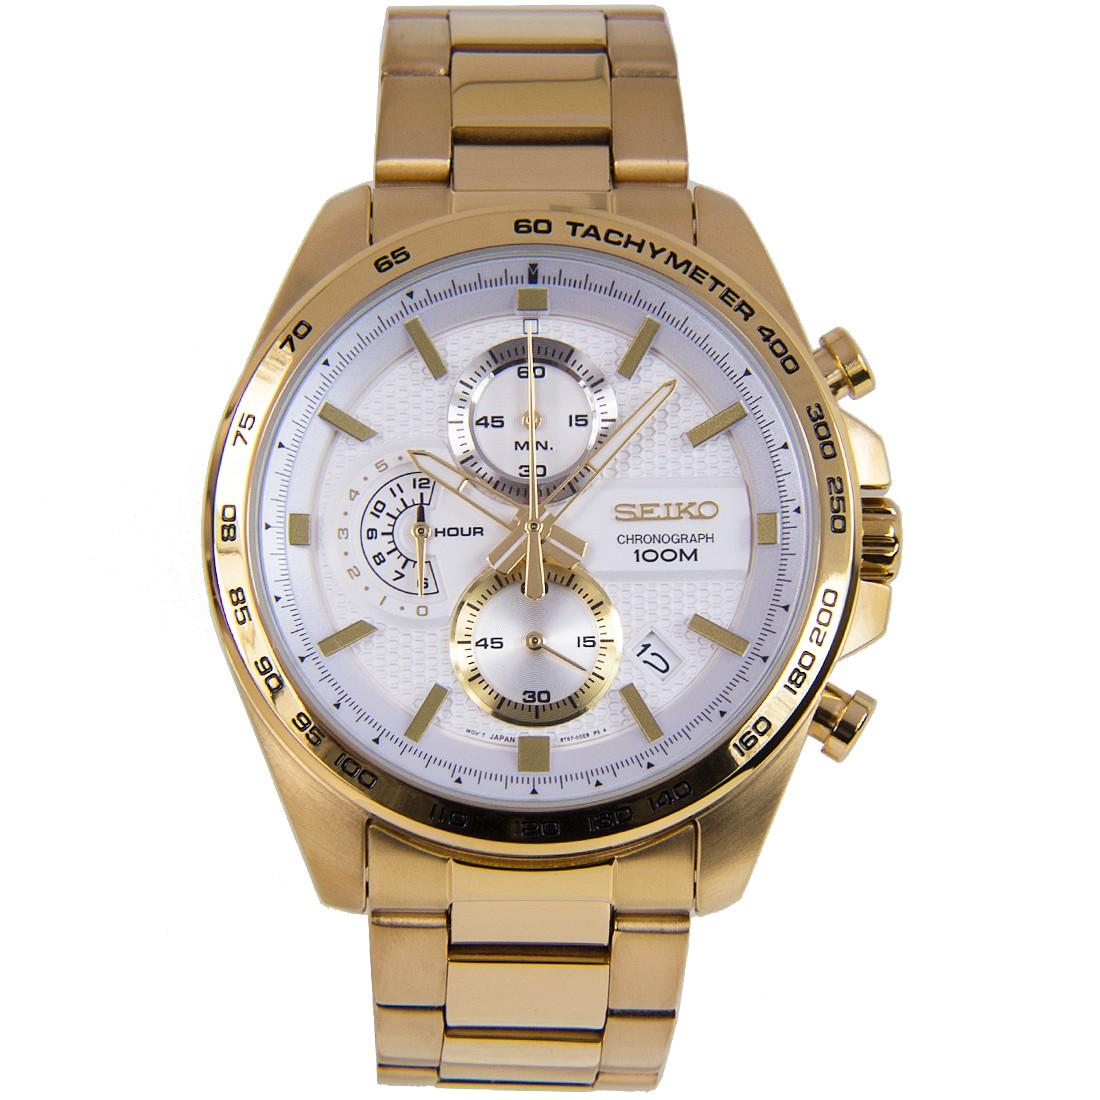 SEIKO Sport นาฬิกาข้อมือผู้ชาย Chronograph สีทองหน้าปัดขาว รุ่น SSB286P1